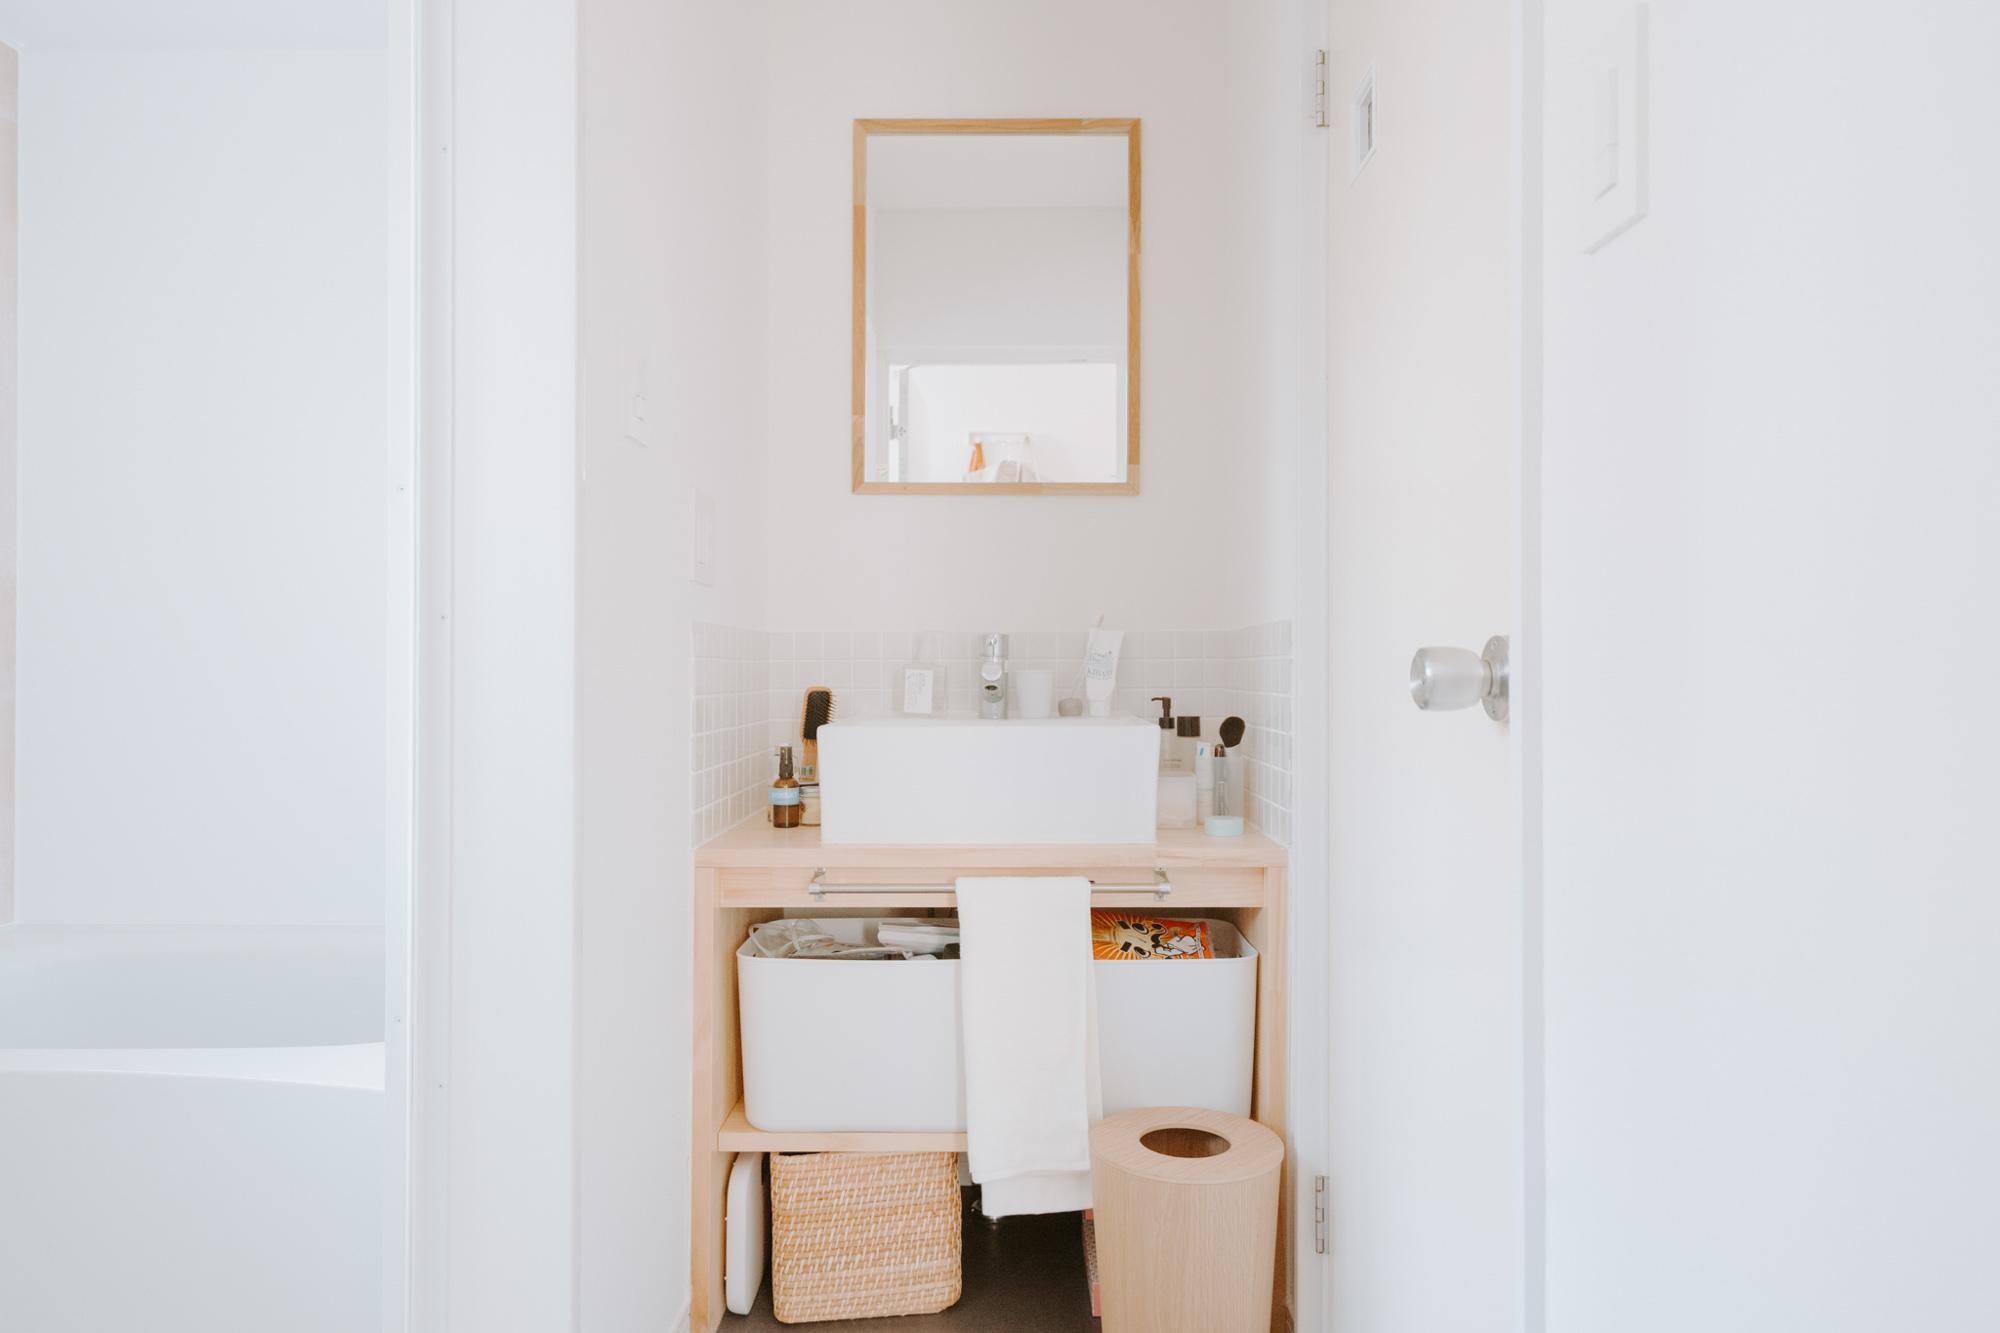 リノベでナチュラルな雰囲気に生まれ変わった洗面台も、素敵に使いこなしていただいていました。